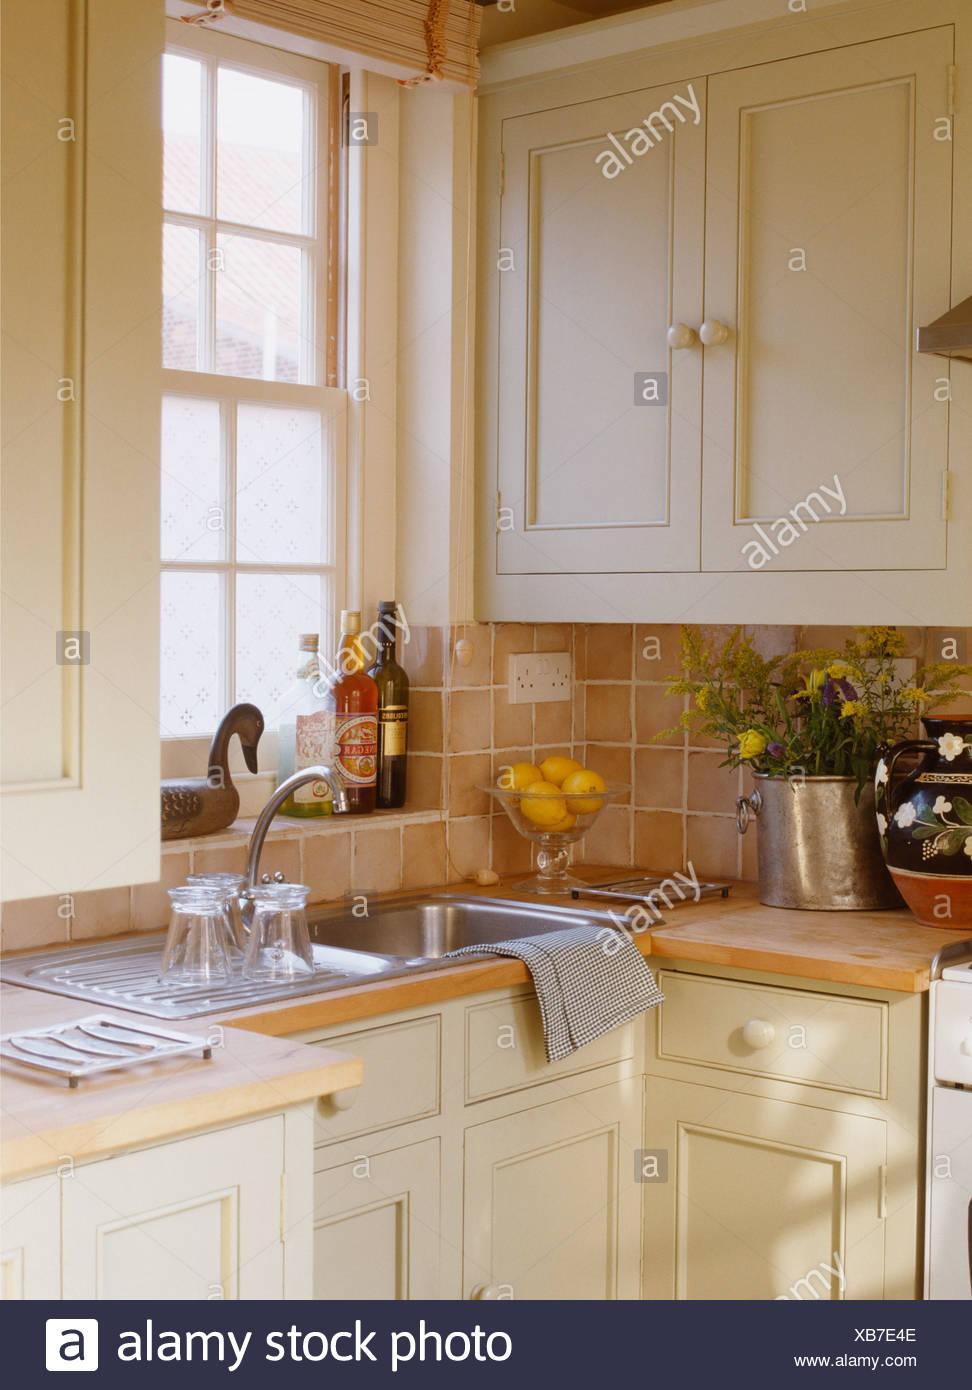 Lavello in acciaio inox finestra sottostante in crema cucina ...